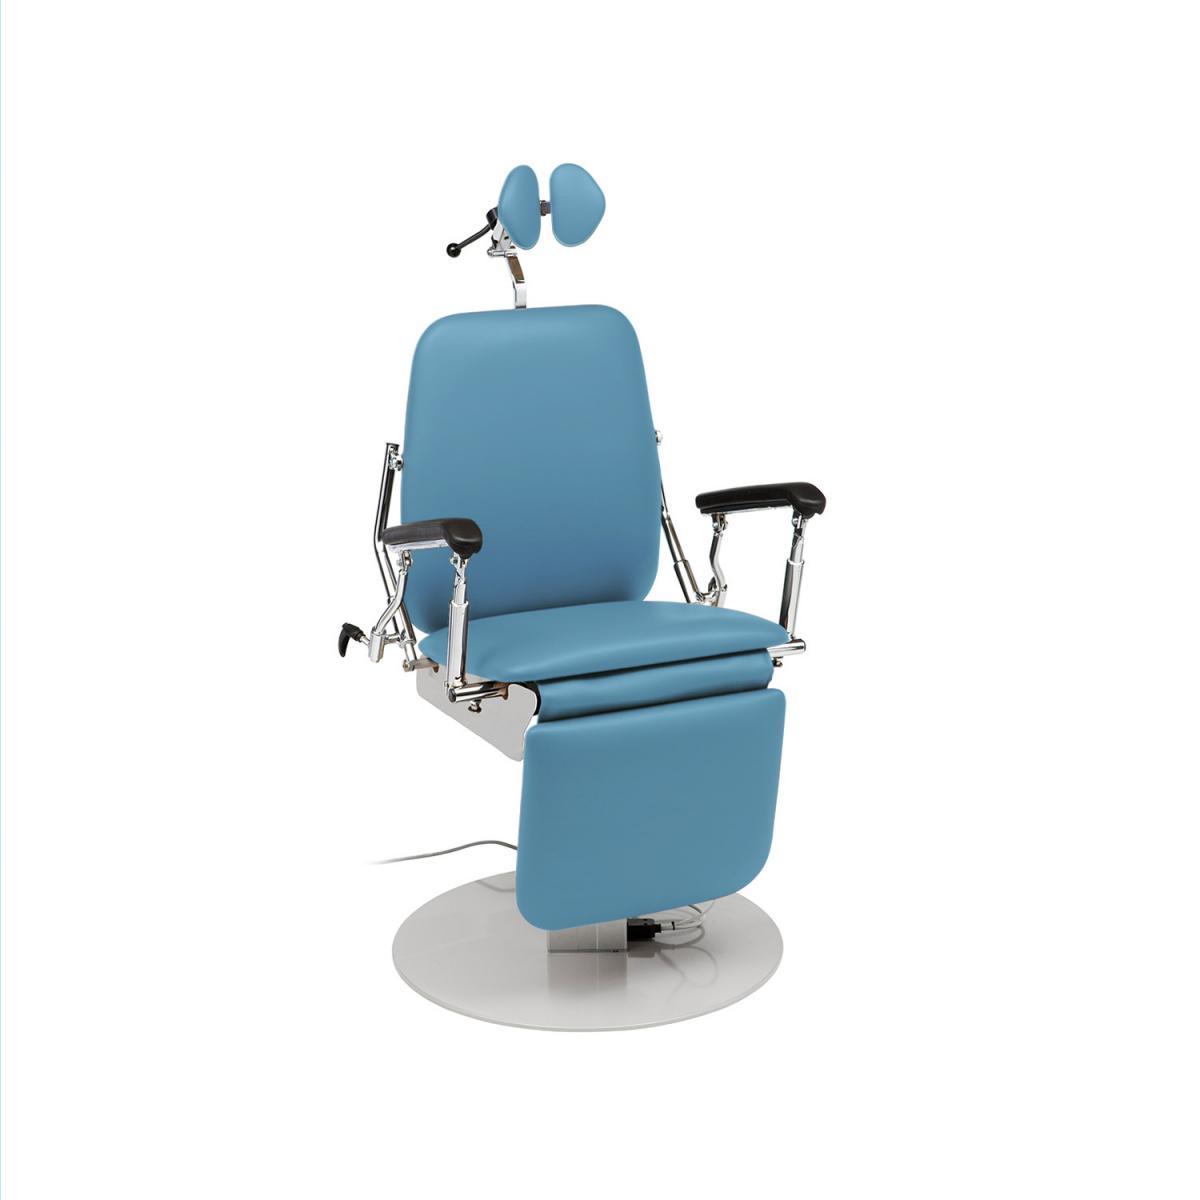 Ear examination chair 420